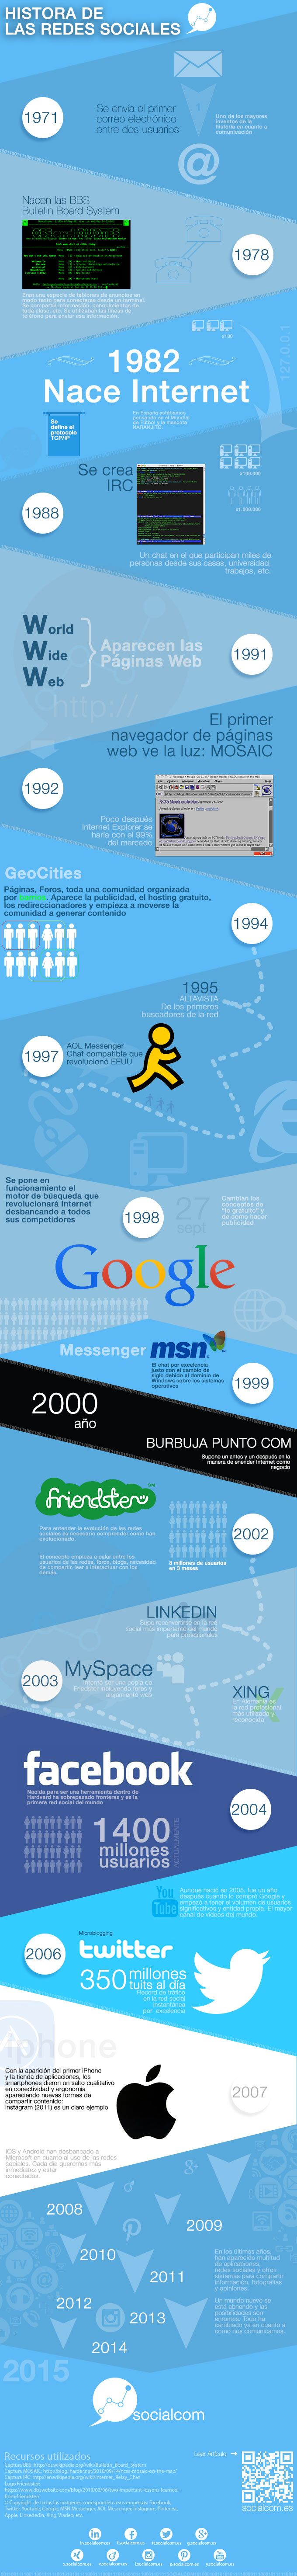 historia-redes-sociales-infografia